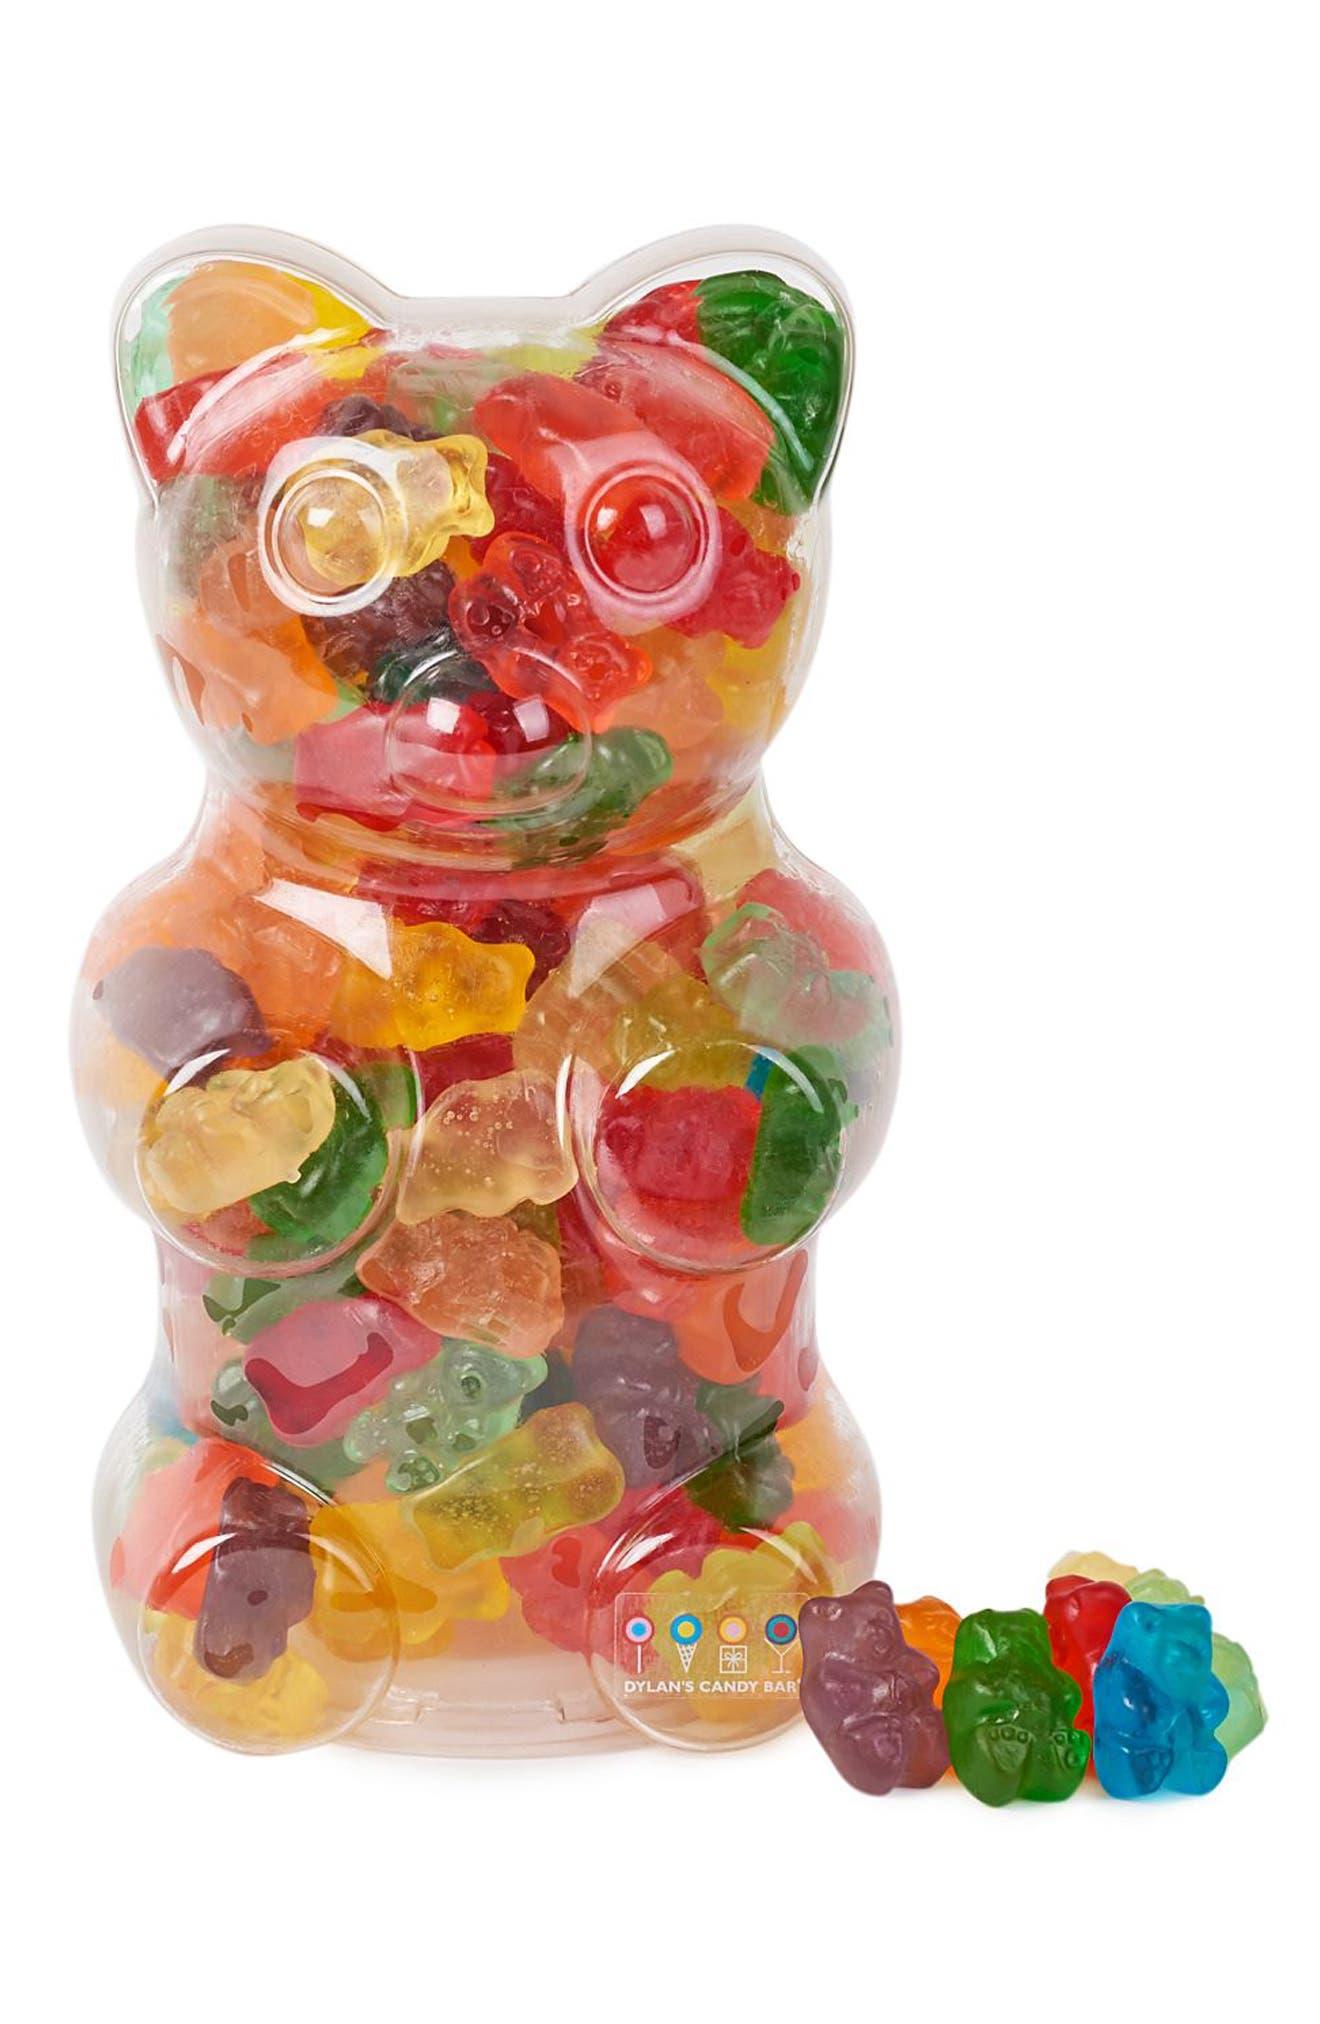 Main Image - Dylan's Candy Bar Gummy Bear Bank